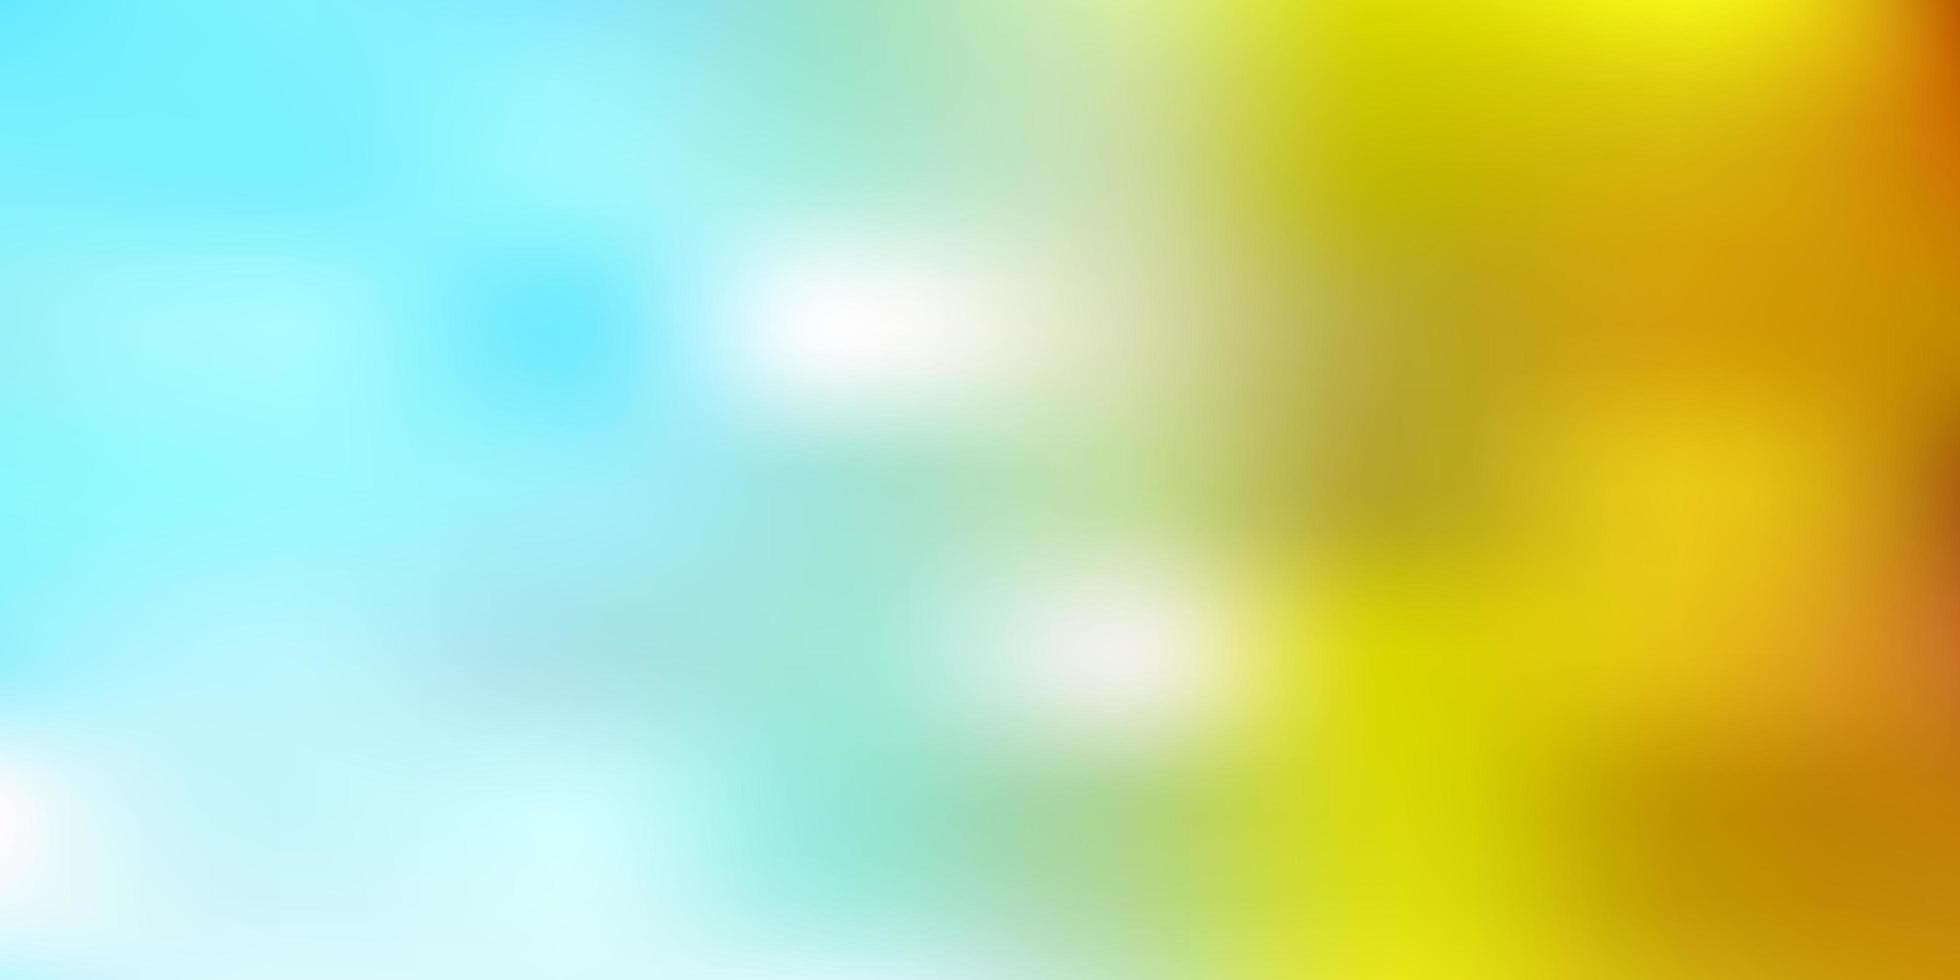 modelo de vetor azul claro amarelo desfocado